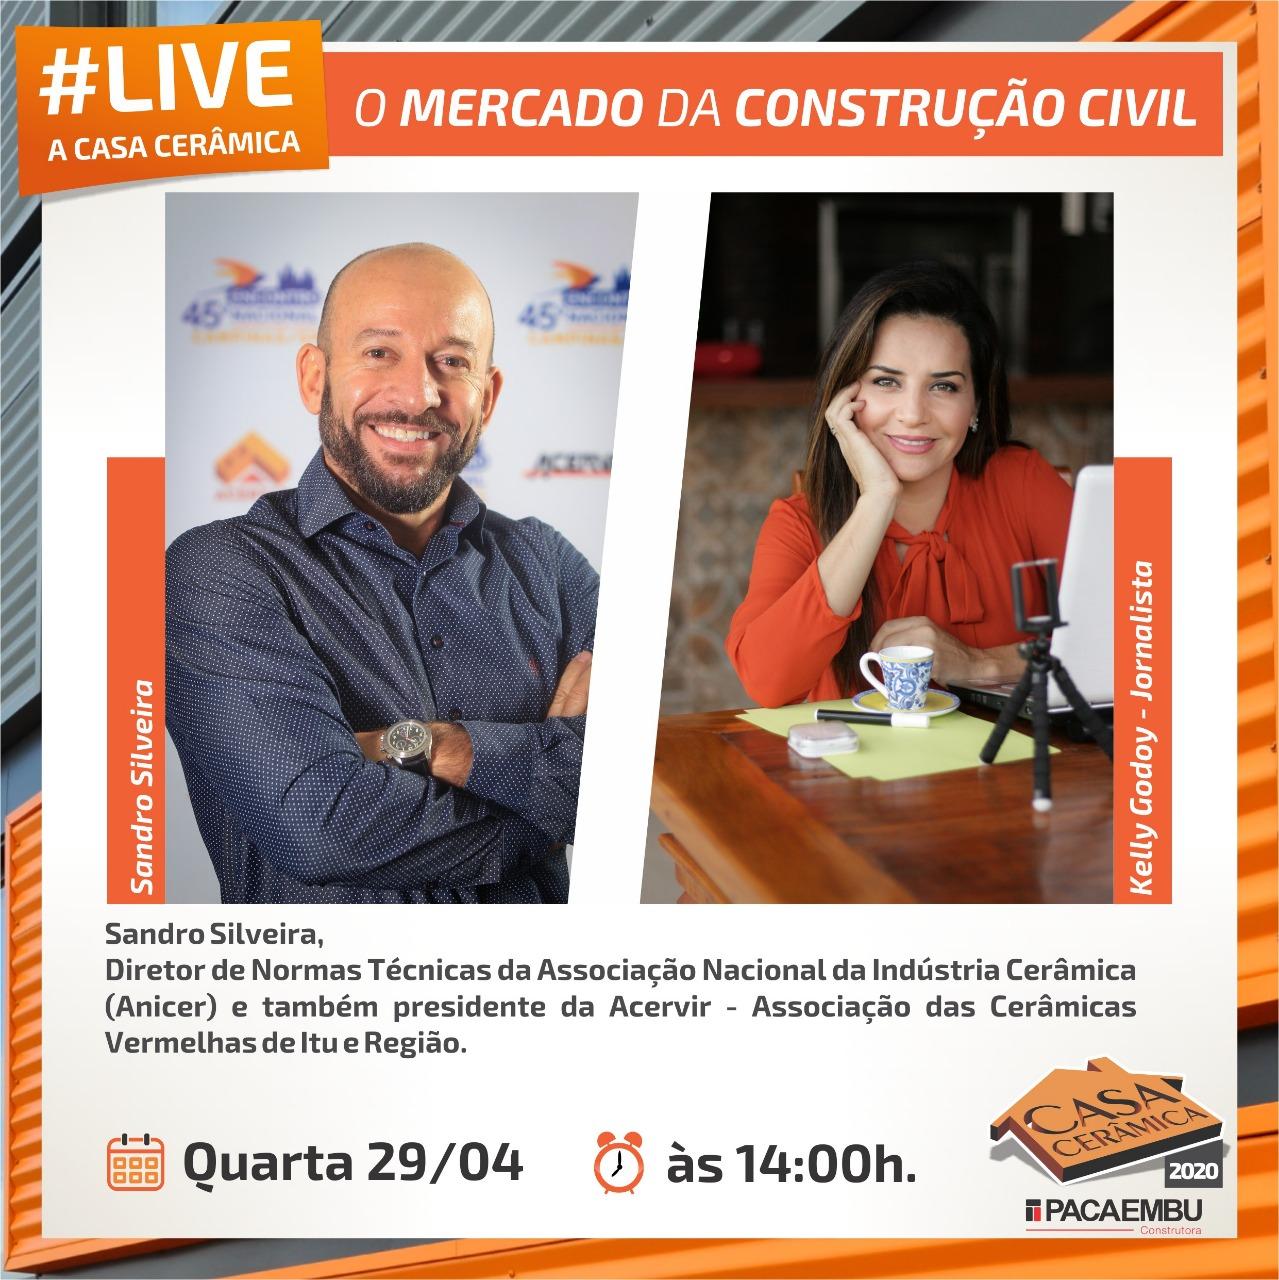 O PRESIDENTE DA ACERVIR ESTARÁ PARTICIPANDO DE UMA LIVE PELA CASA CERÂMICA .NÃO PERCA!!!!